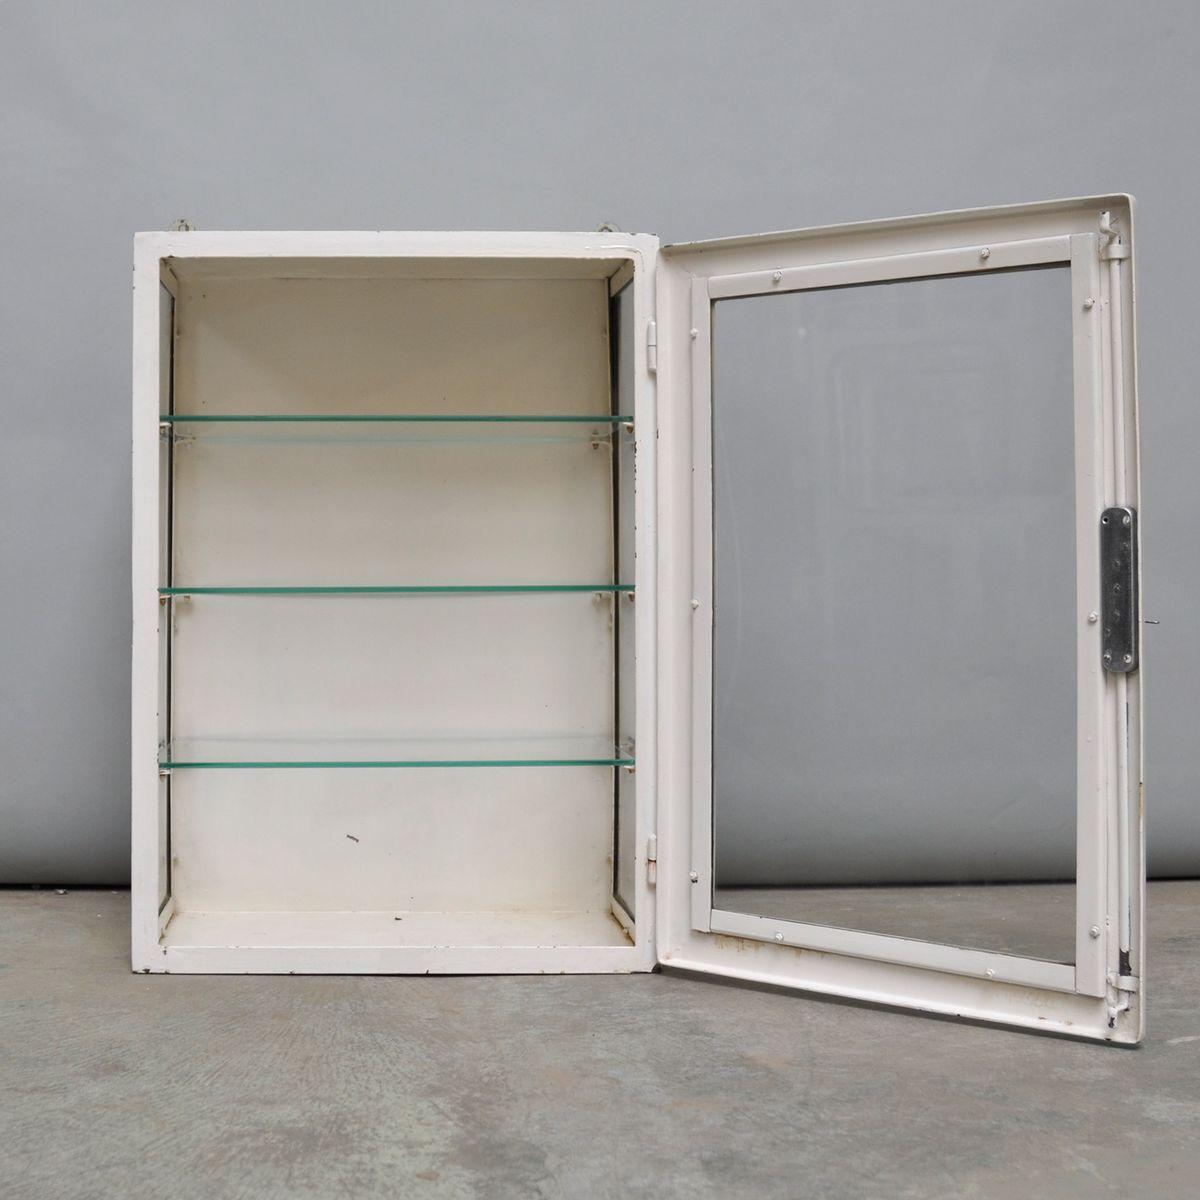 petit meuble de rangement medical suspendu 1960s en vente sur pamono. Black Bedroom Furniture Sets. Home Design Ideas